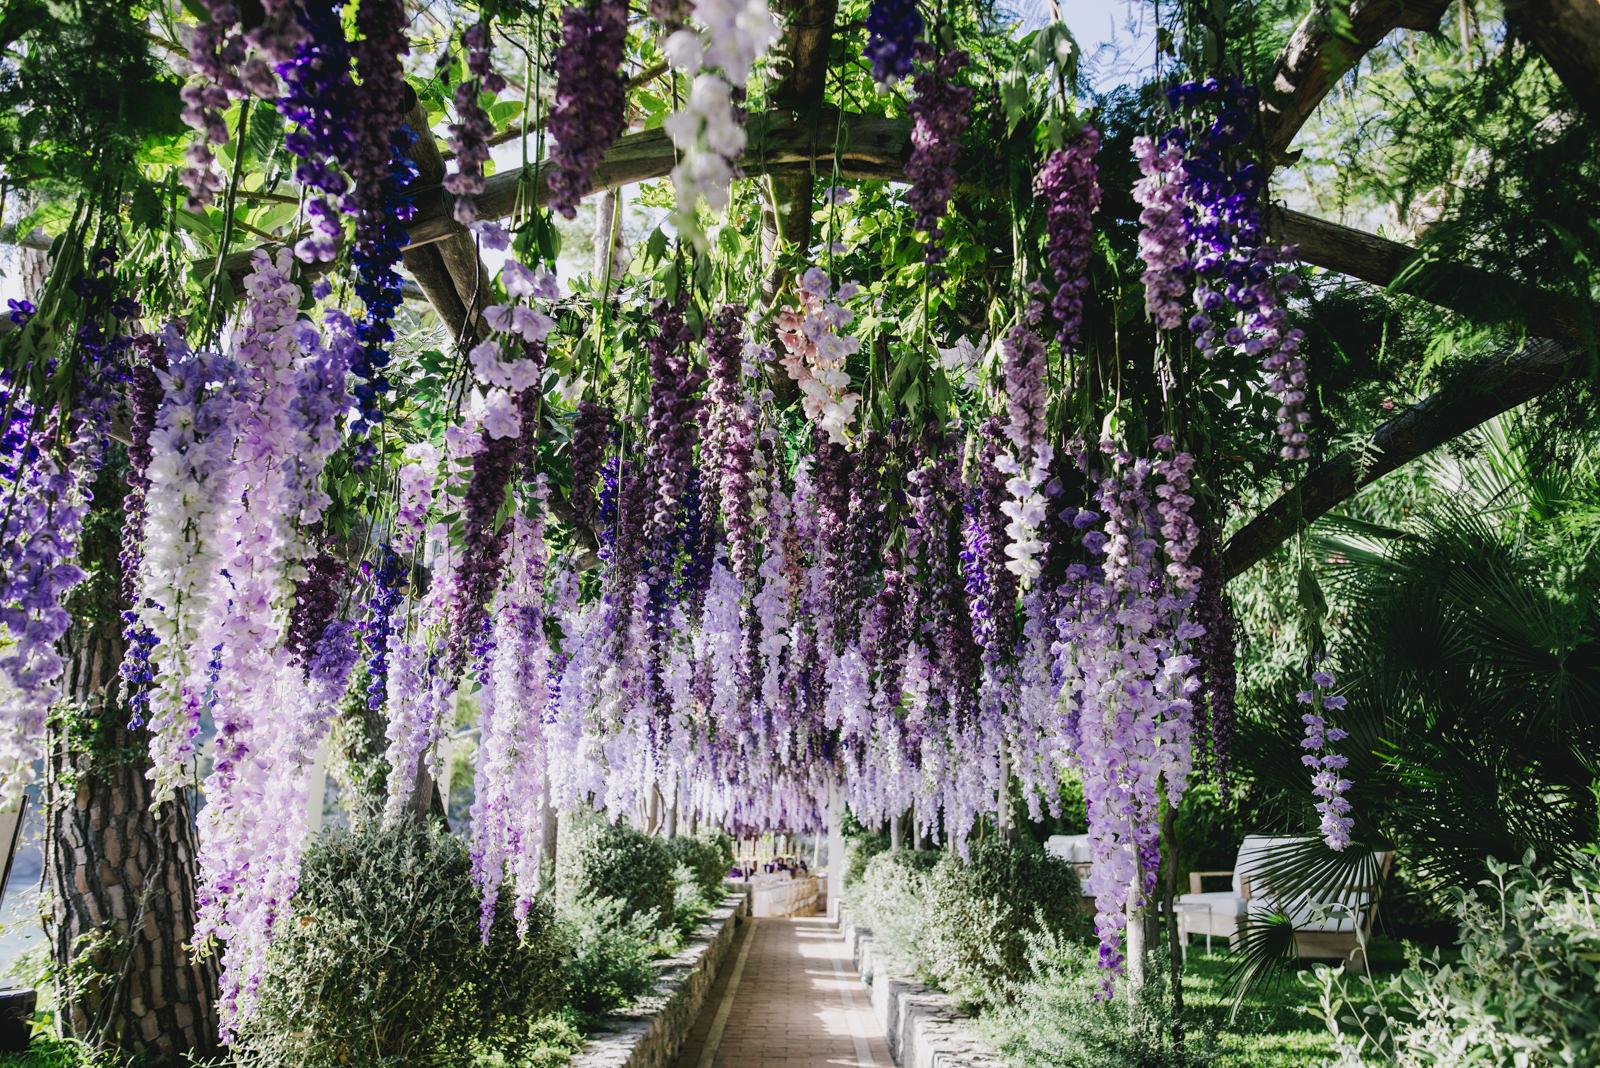 a path in villa tre ville with wisteria